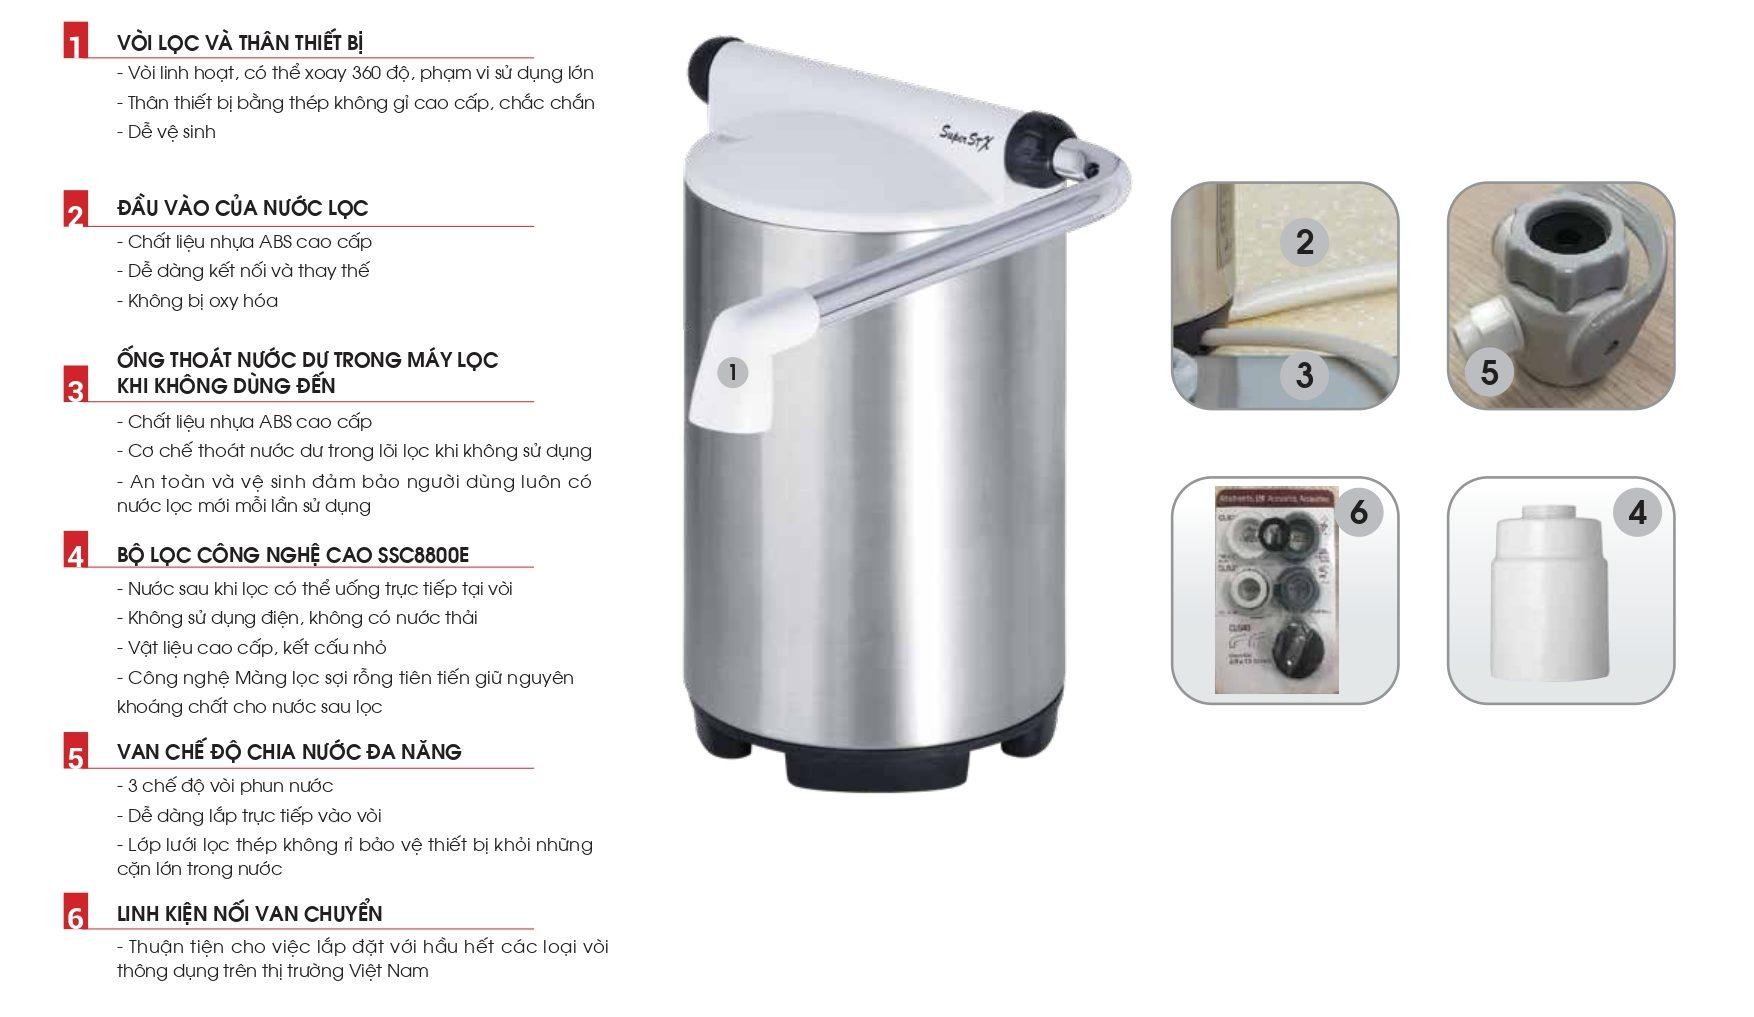 Thiết bị lọc nước lắp trên bồn rửa SSX880E/ ET201